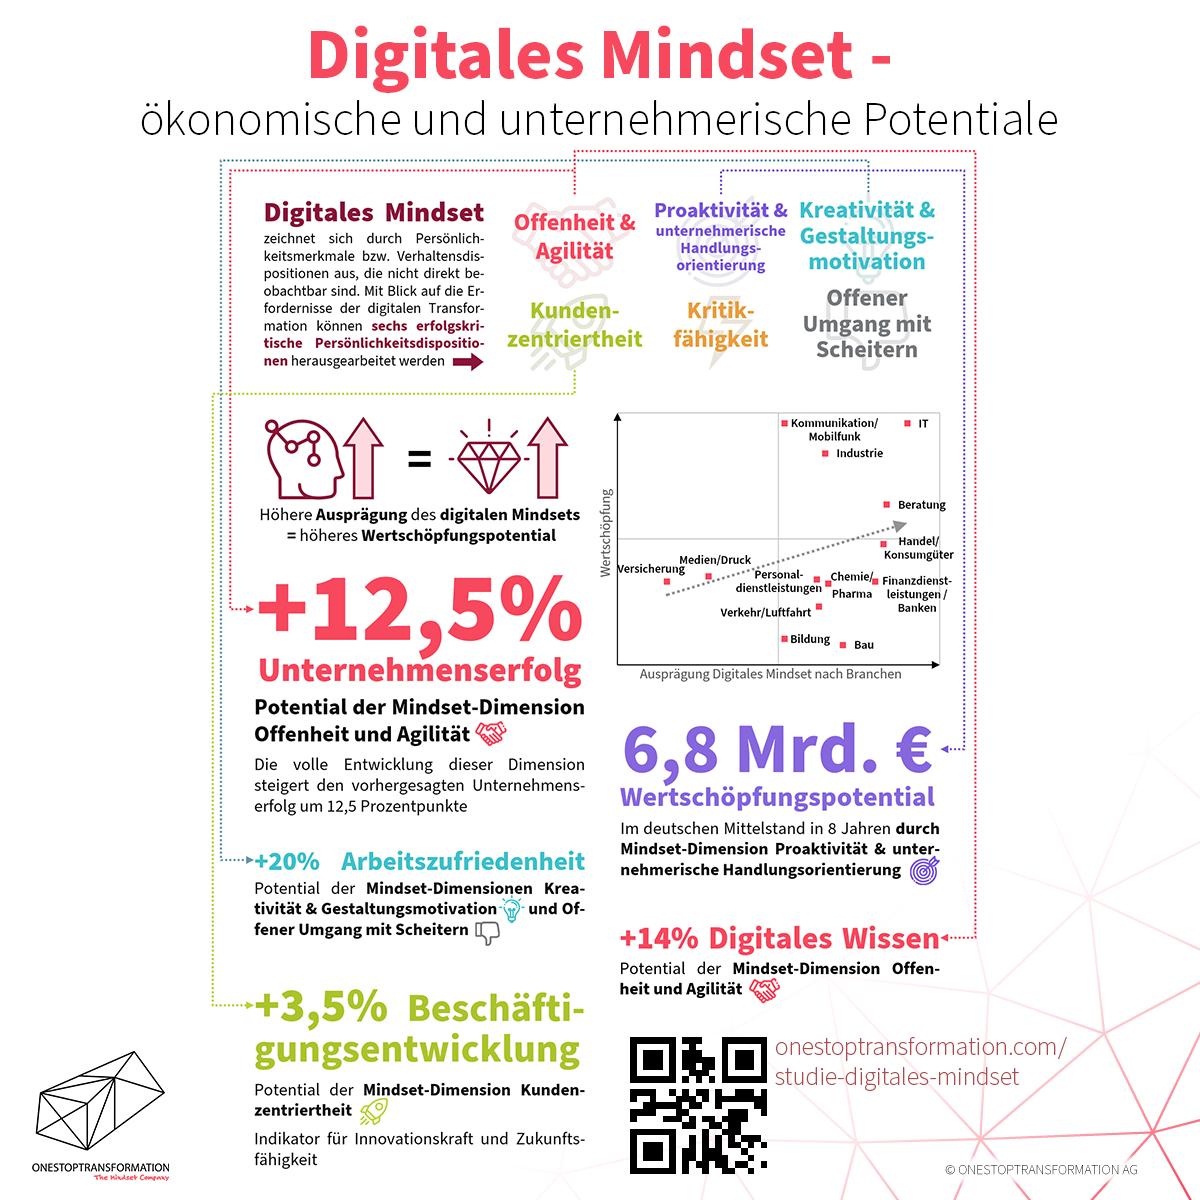 Digitales Mindset - ökonomische und unternemerische Potentiale